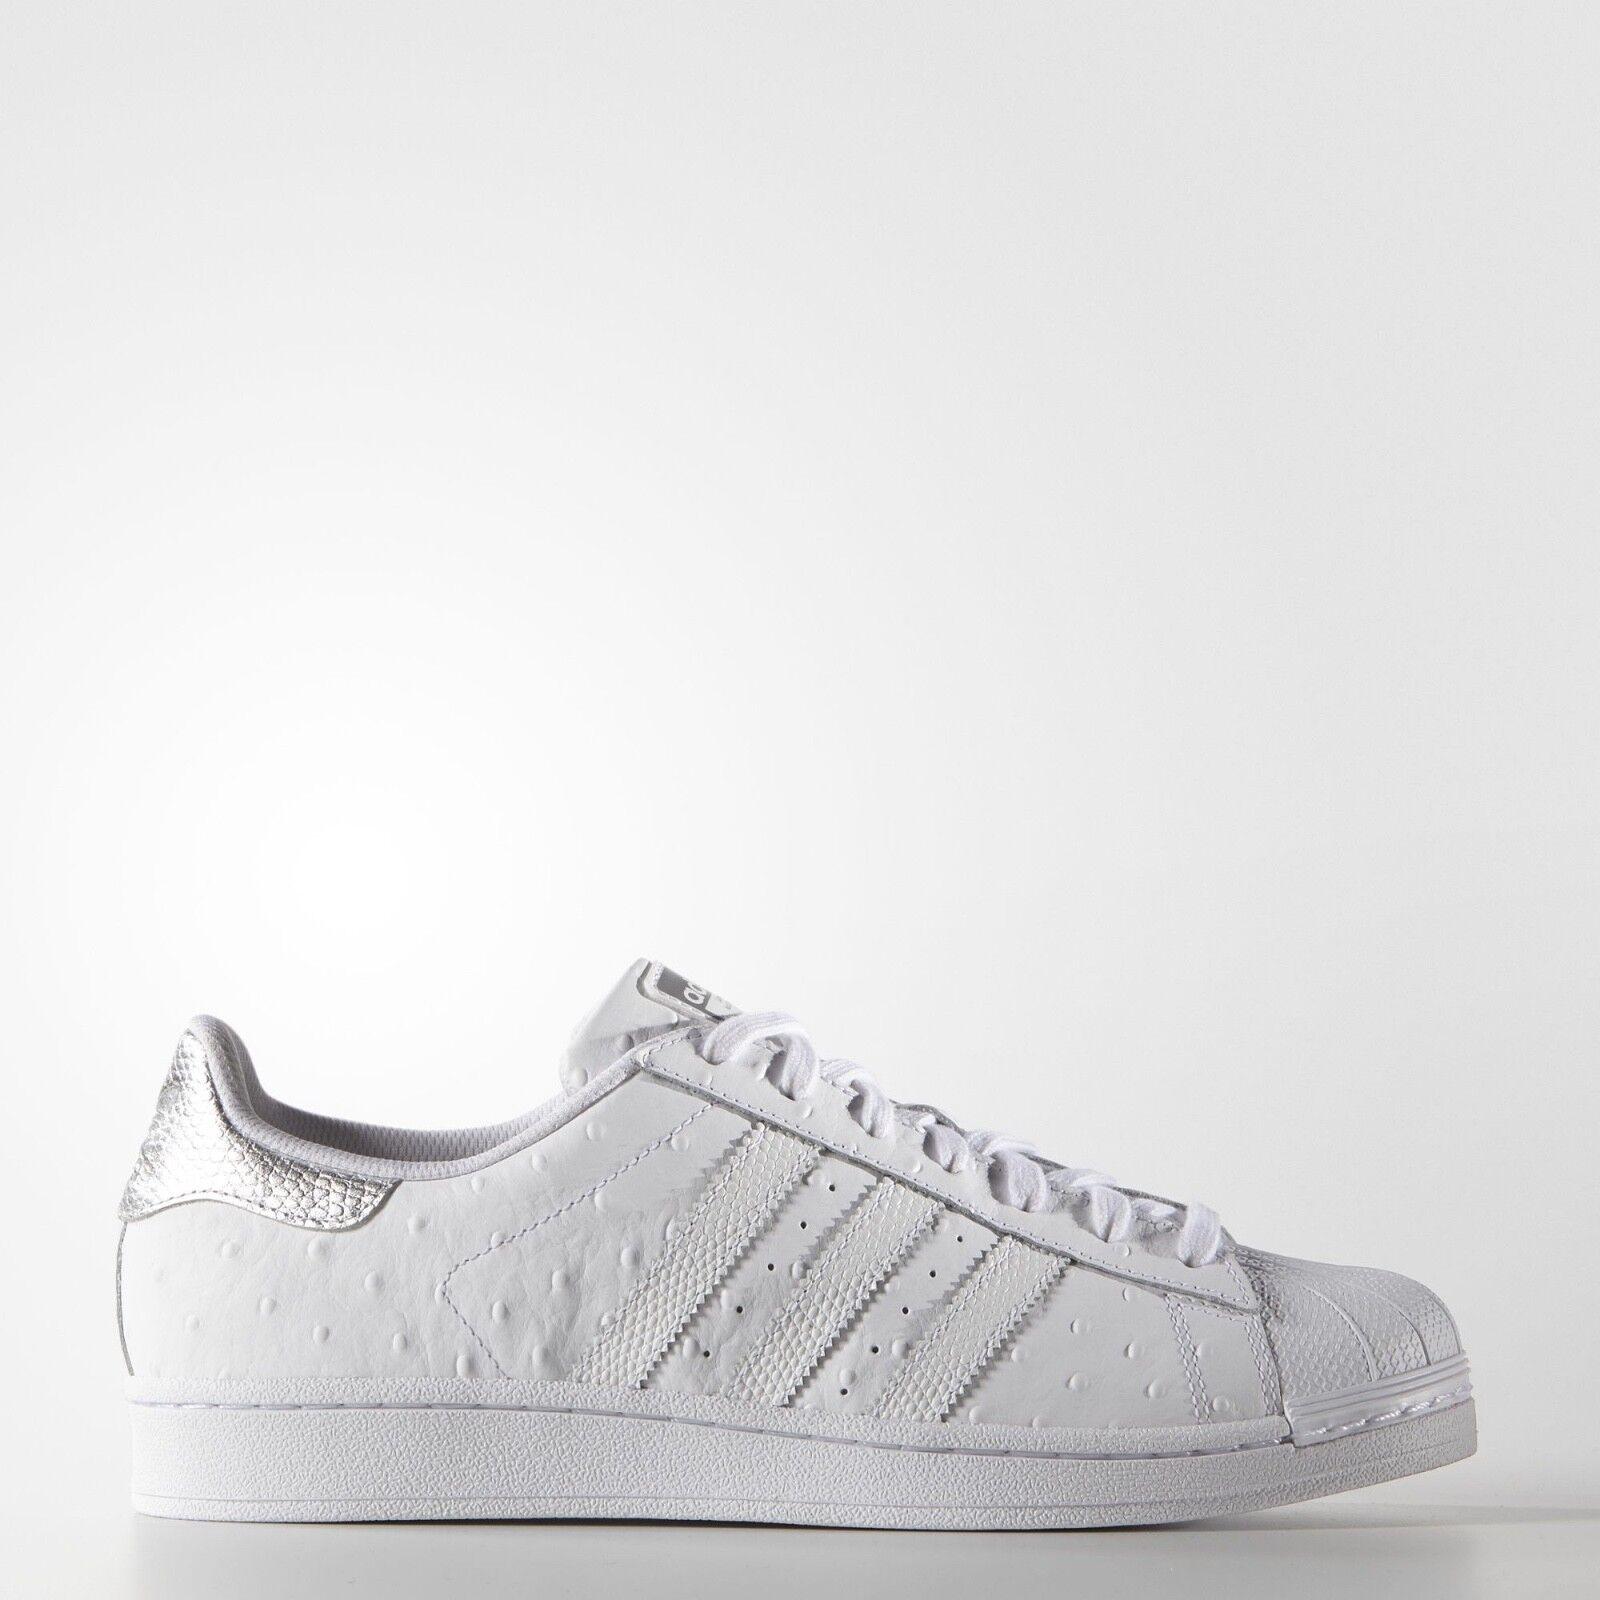 NOVITÀ Adidas Superstar Scarpe Coloreee  Dimensione bianca   10  fino al 65% di sconto